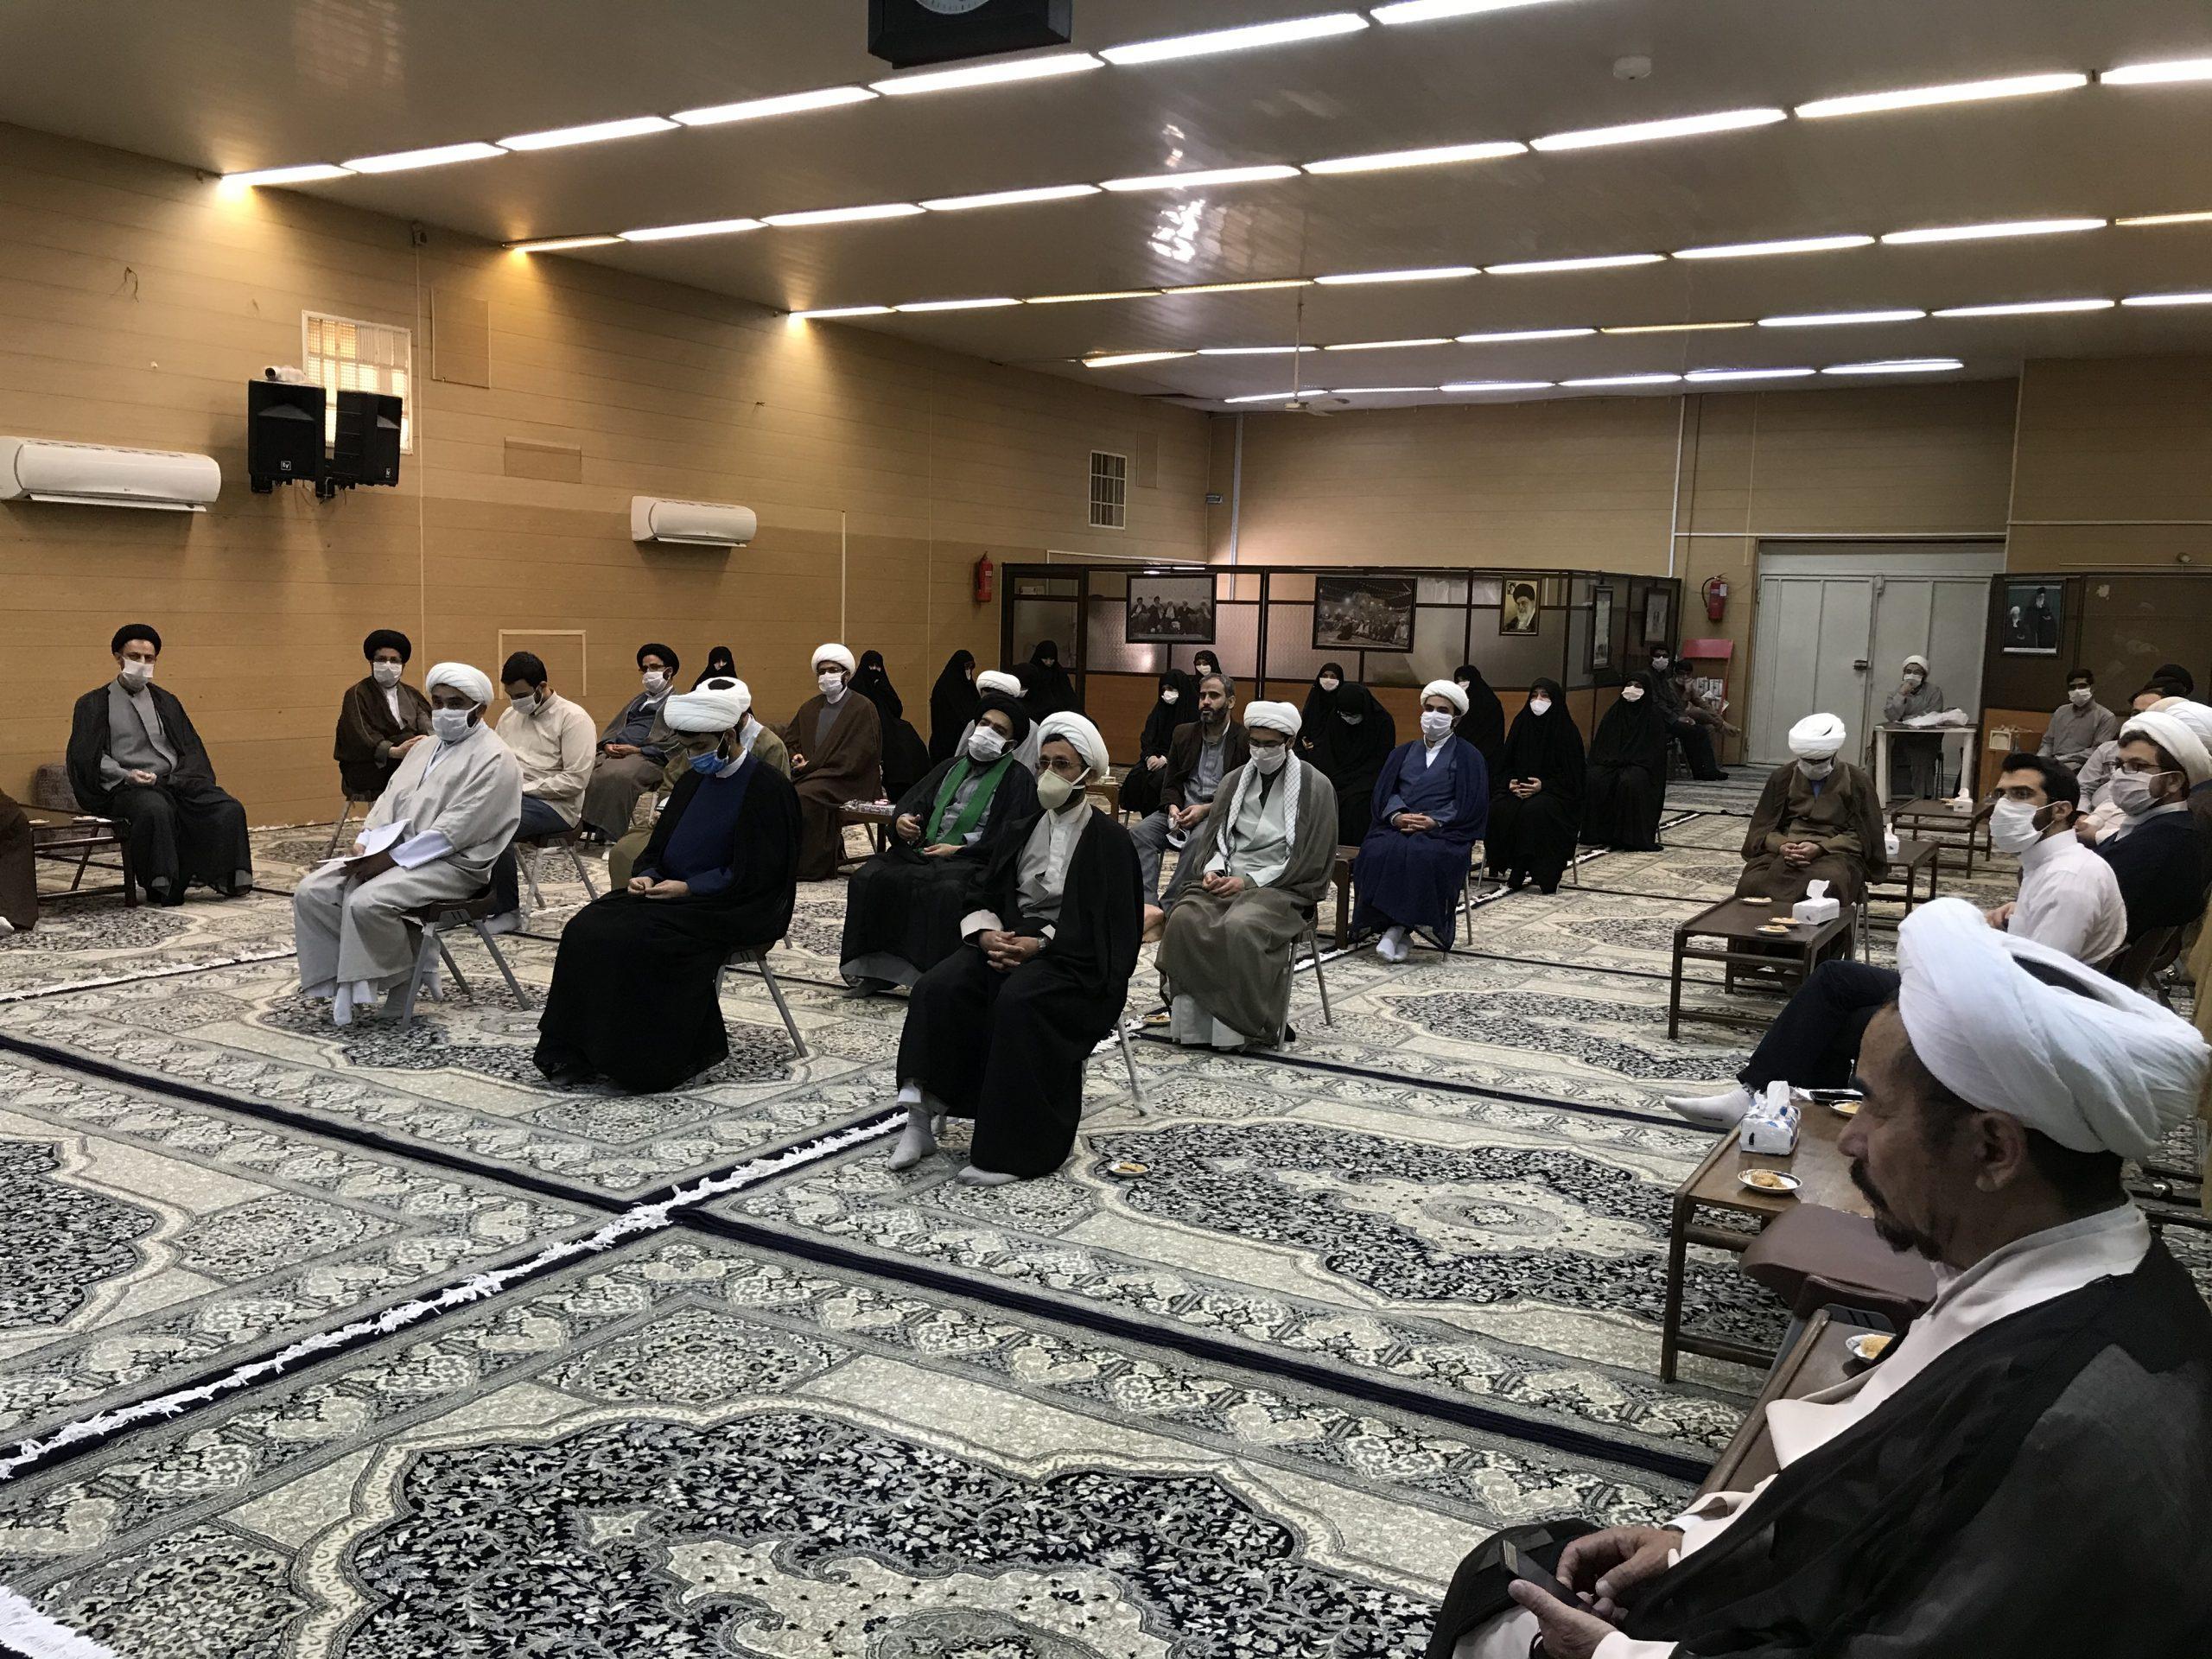 نمایندگان طلاب جهادی استان یزد به تشریح فعالیت های طلاب در ایام کرونایی پرداختند